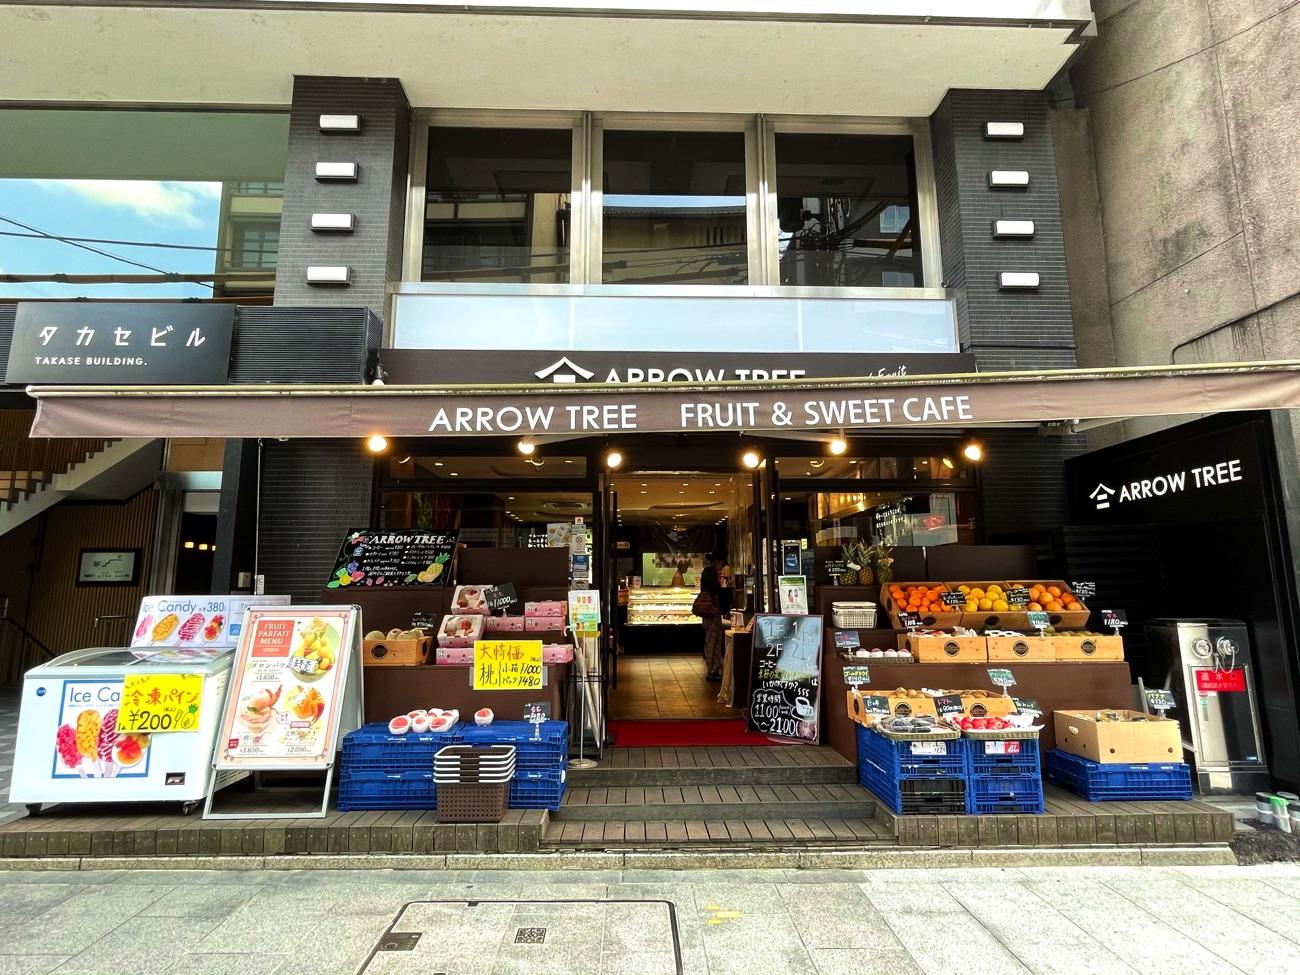 「ARROW TREE 京都三条店」の外観